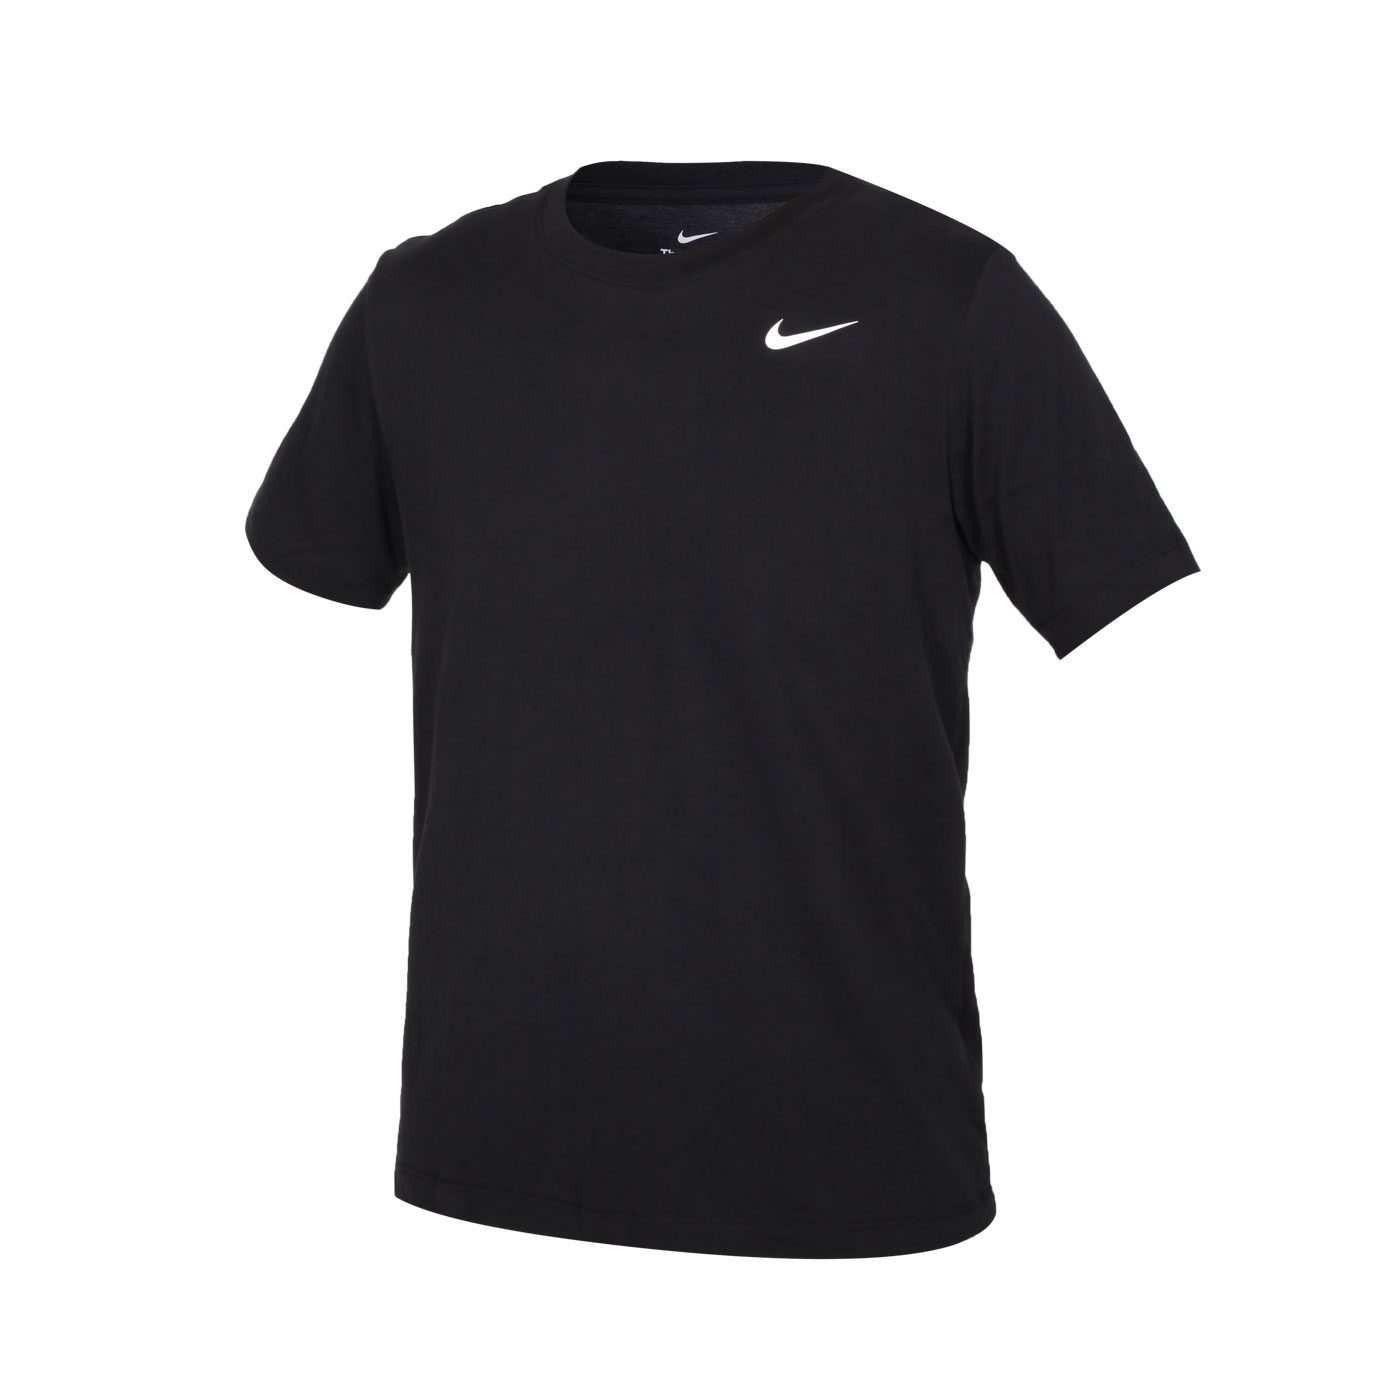 NIKE 男款短袖T恤 AR6030-010 - 黑白